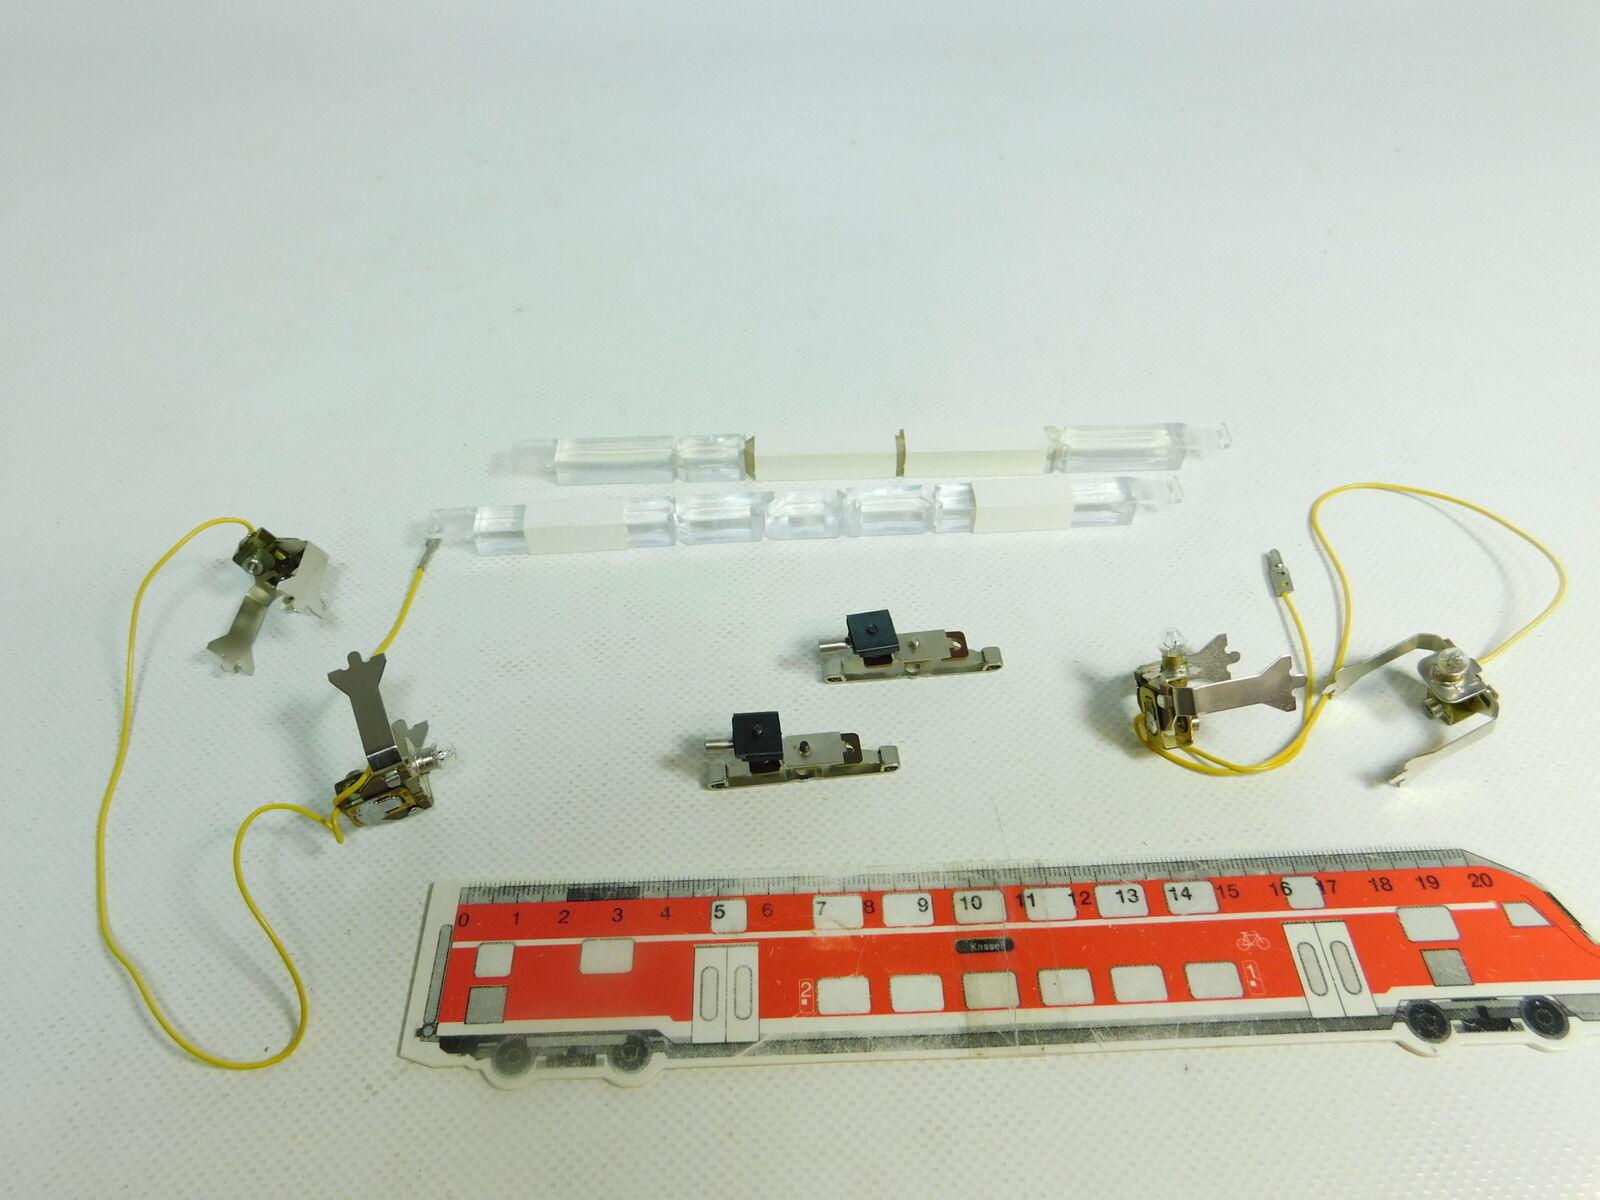 BR171-0,5 Carroza  2x Märklin H0 Ac 7197 Illuminazione per Carroza BR171-0,5 Testato, Nuovo 21f204